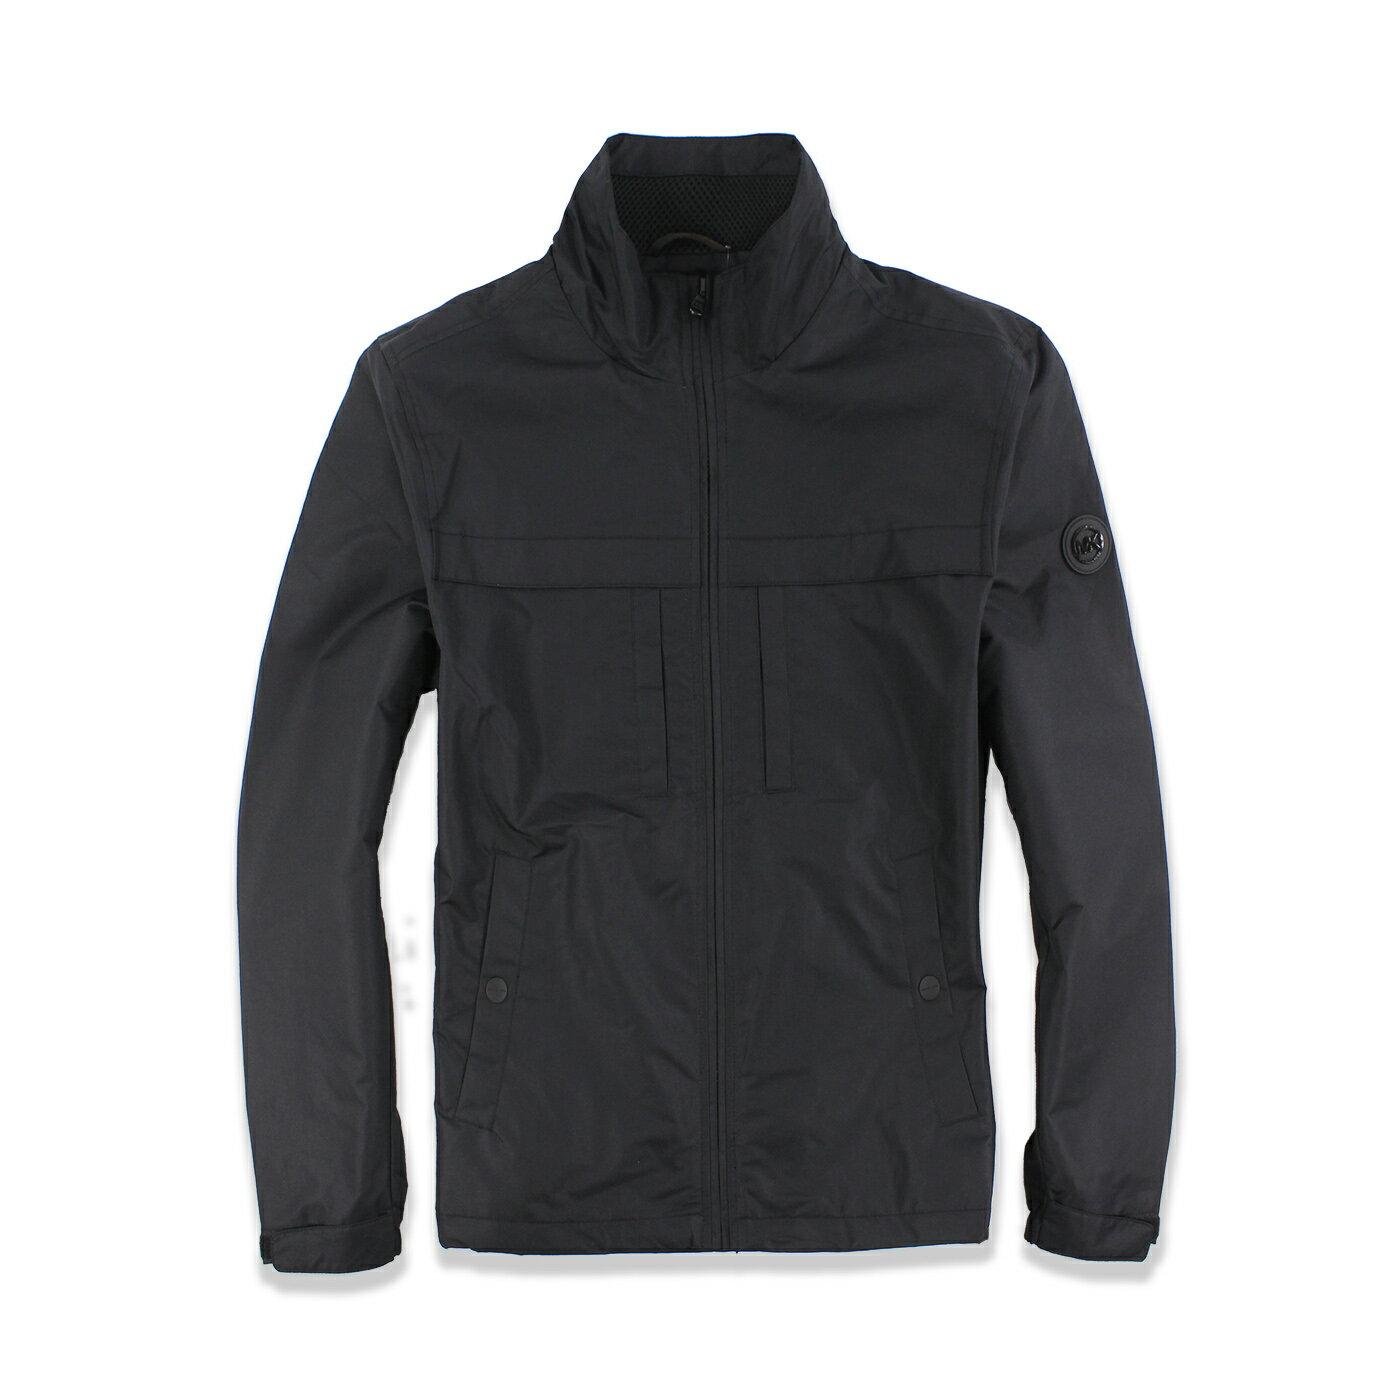 美國百分百【全新真品】Michael Kors 外套 MK 夾克 立領 休閒 商務 修身 風衣 黑色 男 M號 F588